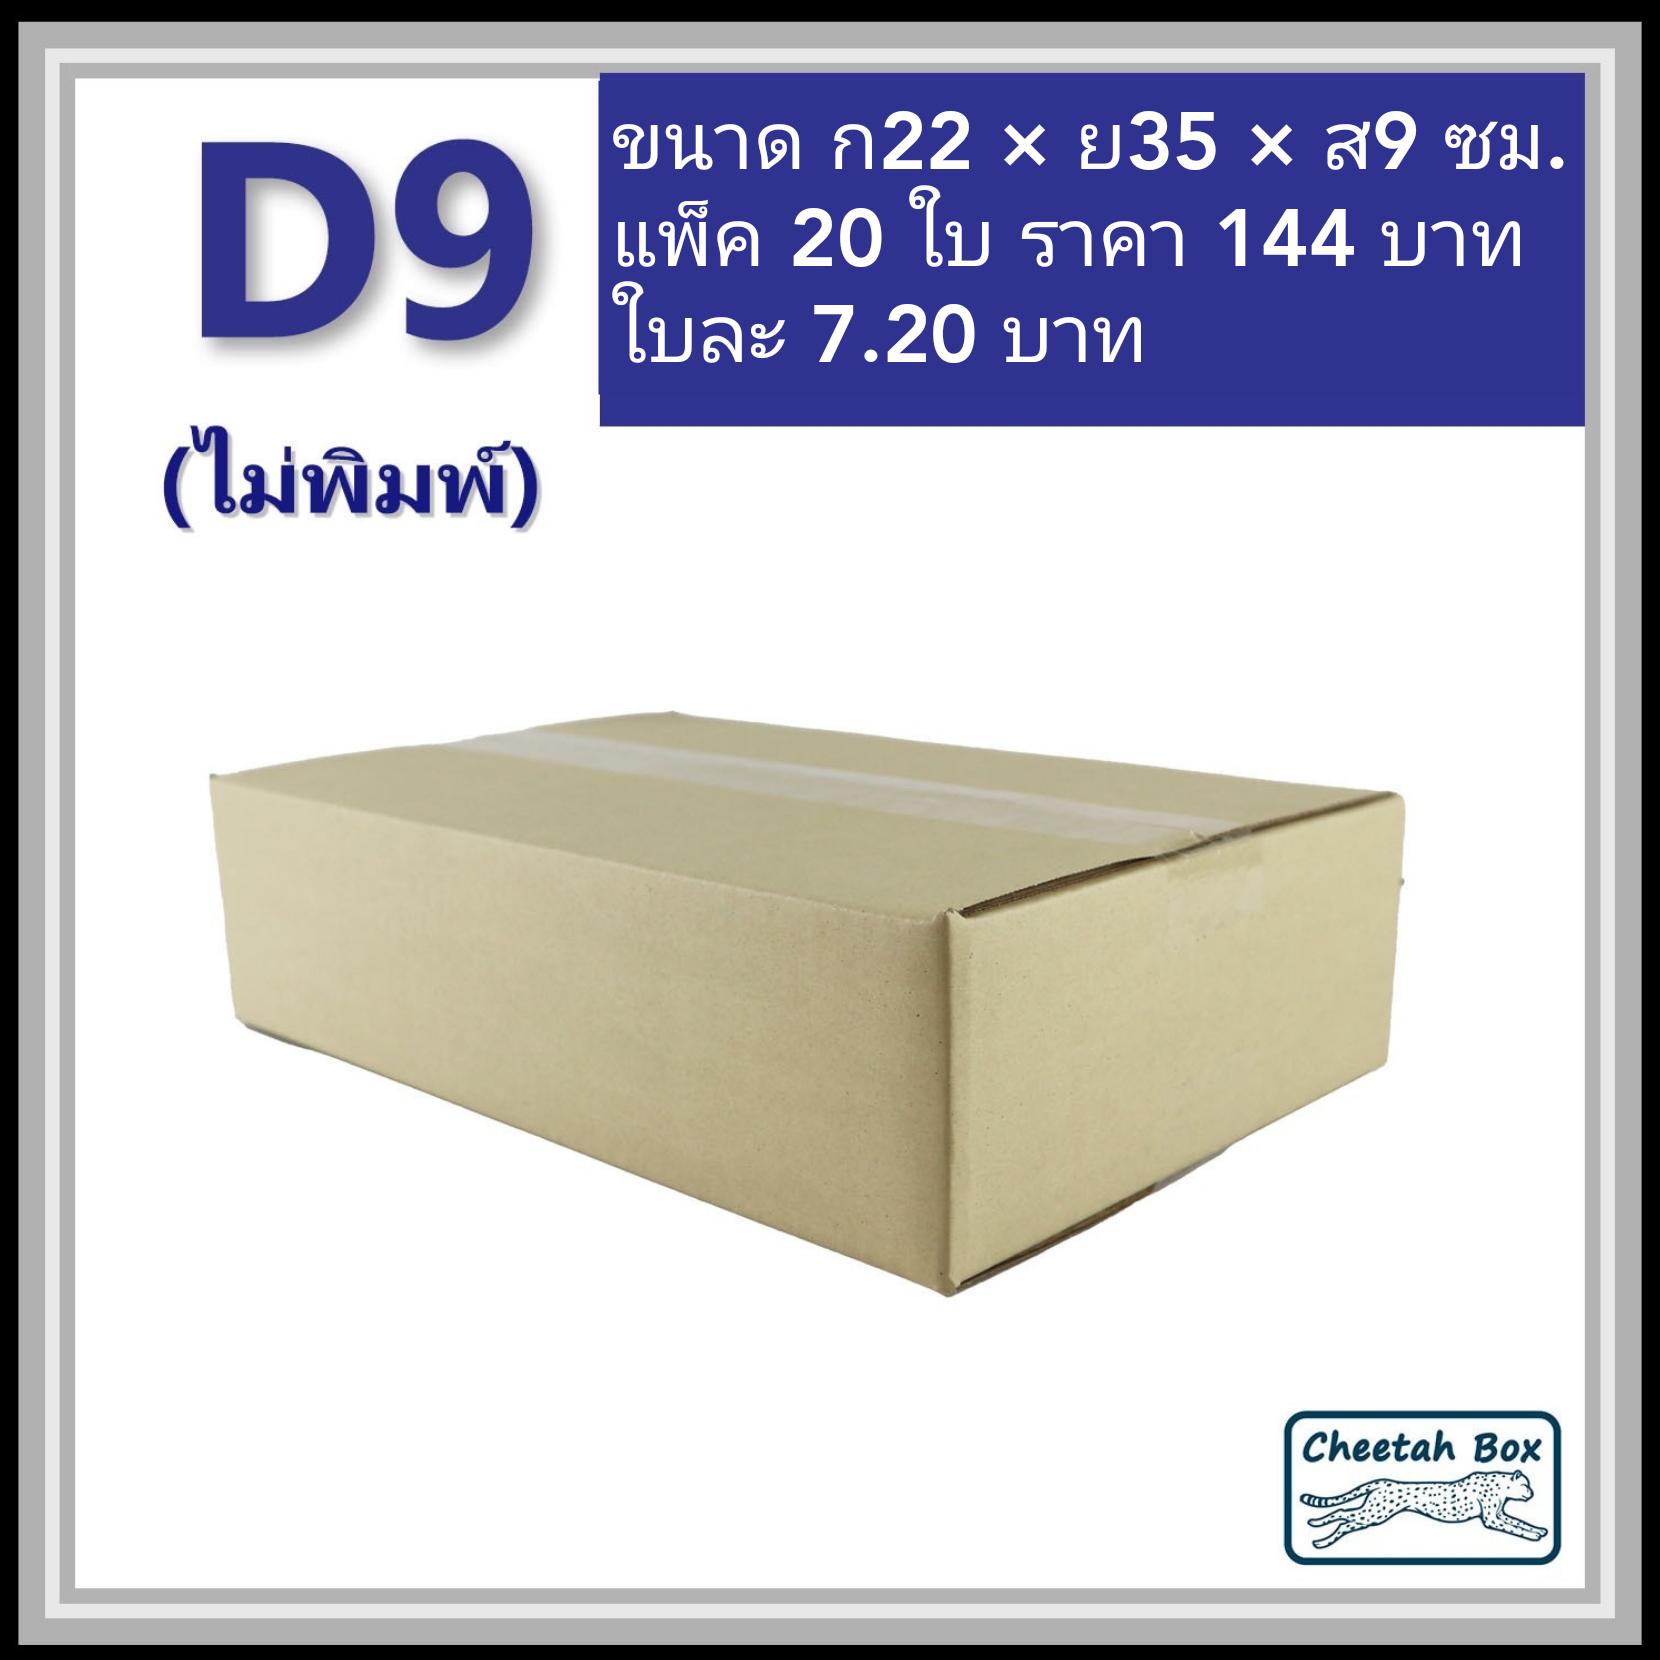 กล่องพัสดุ 3 ชั้น รหัส D9 ไม่พิมพ์ (Cheetah Box) 22W x 35L x 9H cm.